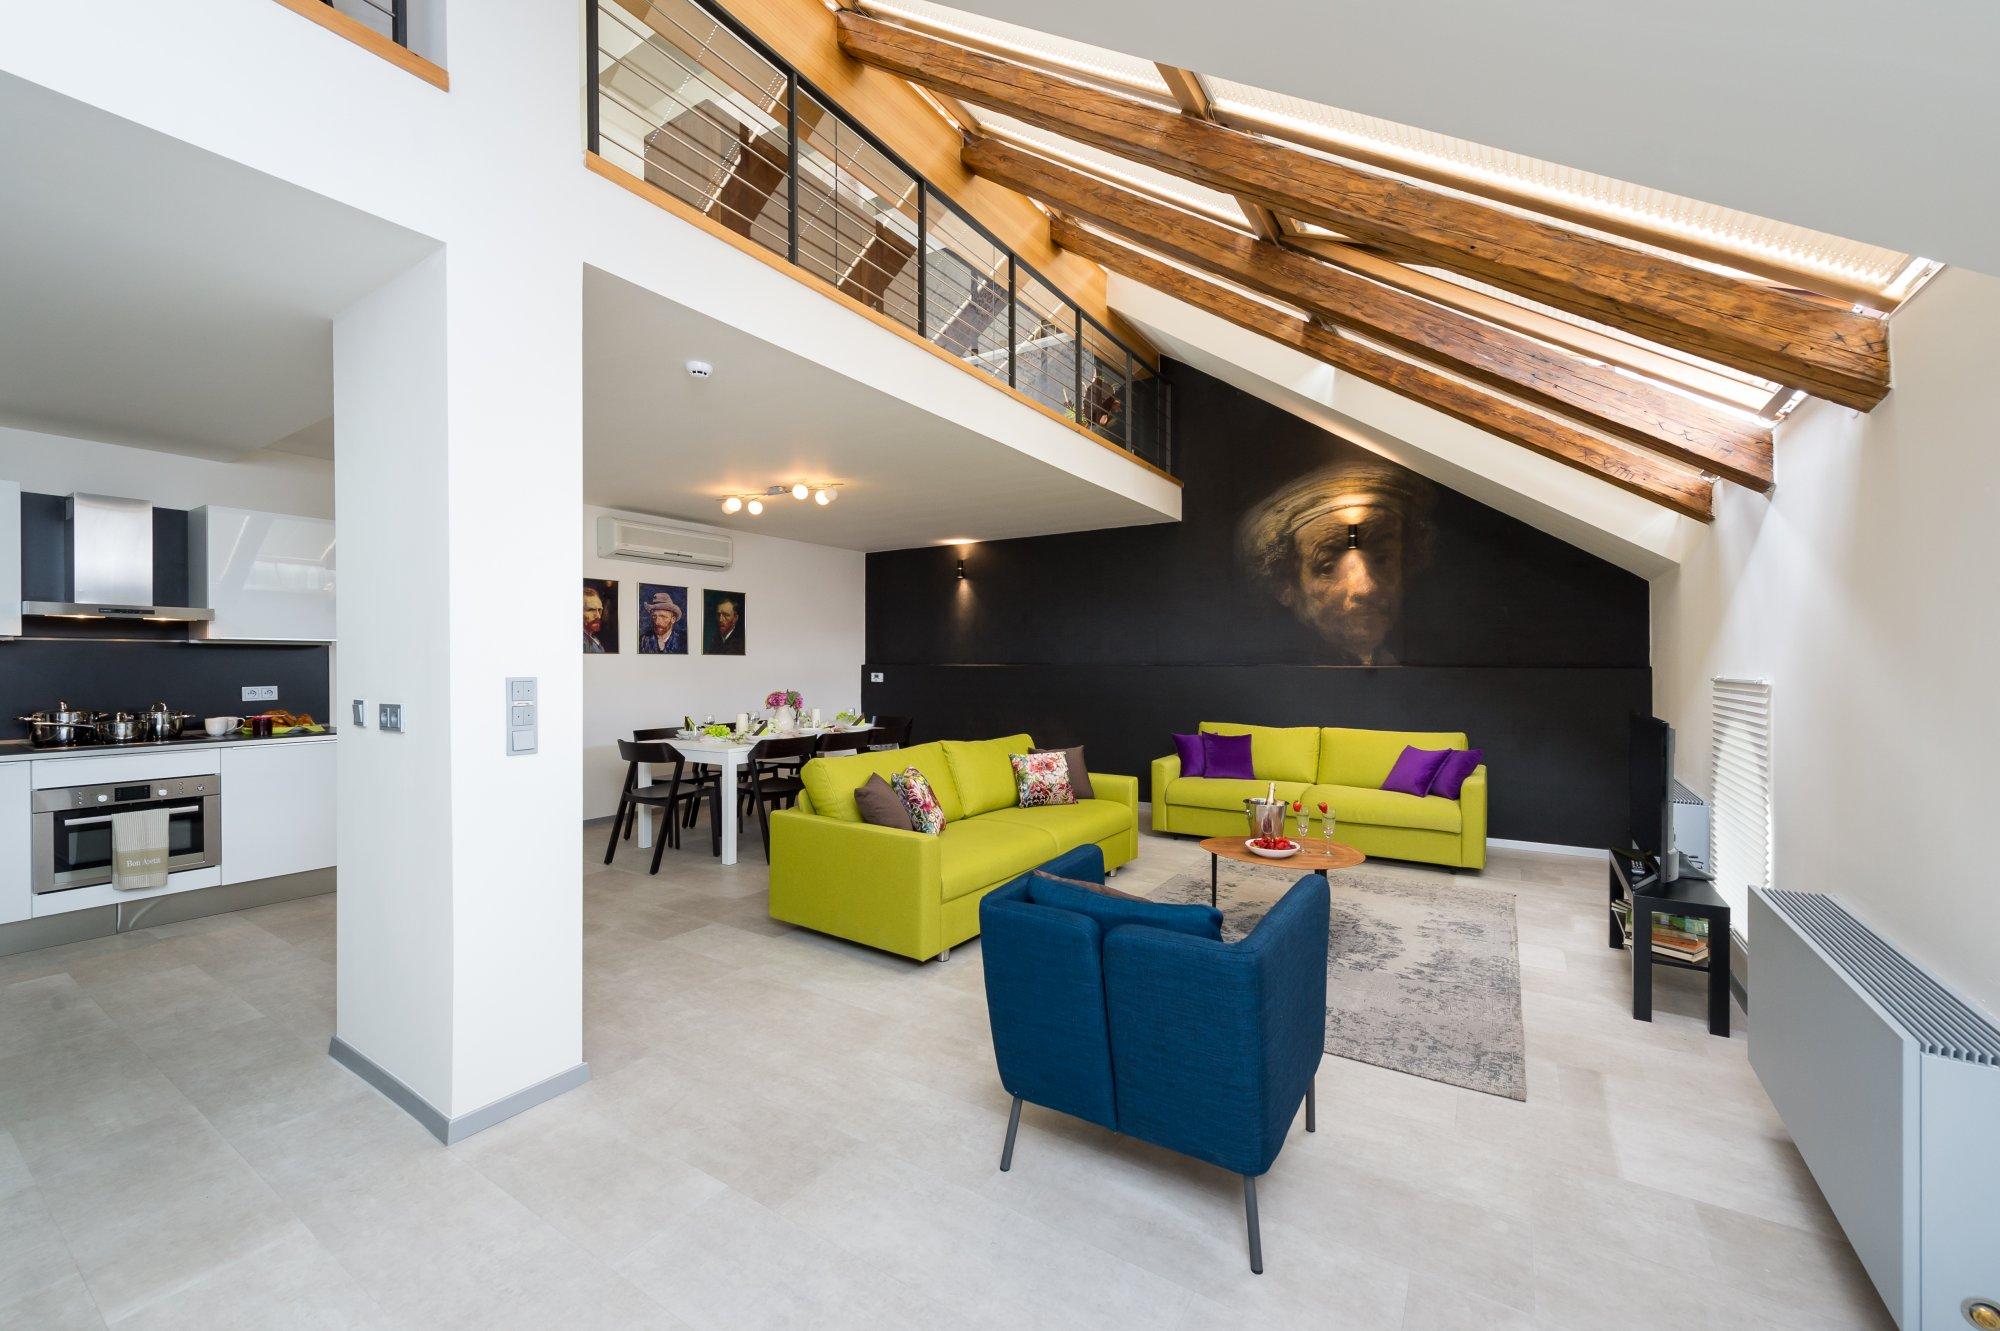 Půdní byt 5+kk, plocha 141 m², ulice U Půjčovny, Praha 1 - Nové Město | 1